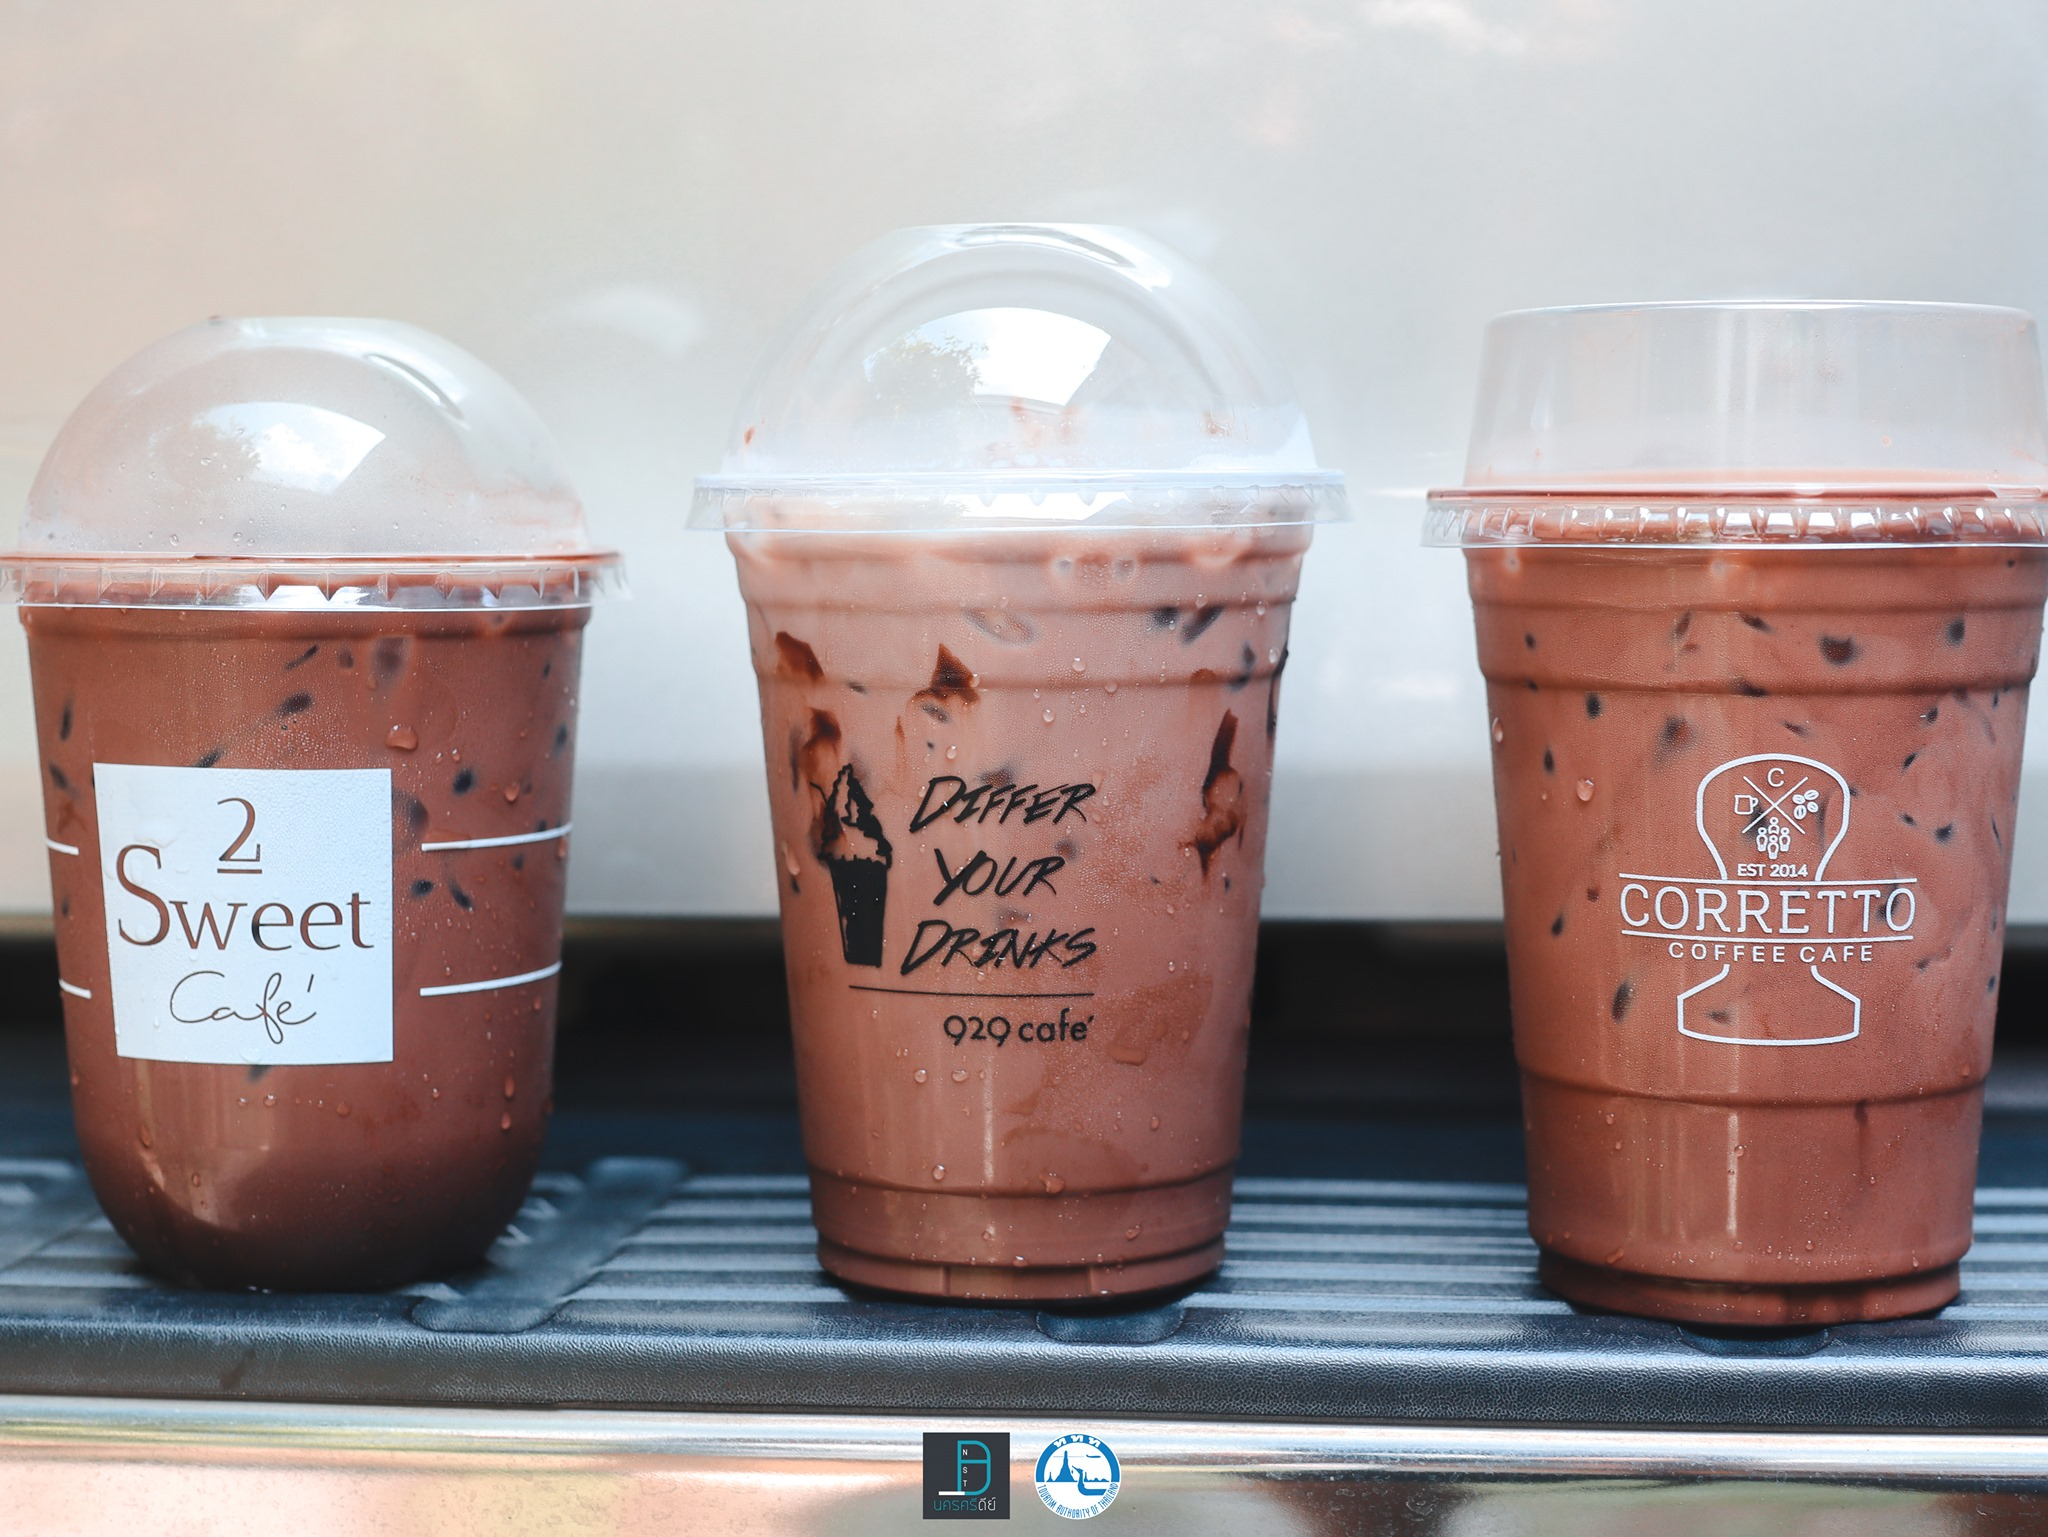 4.-2-Sweet-Cafe-ขอบอกเลยว่า-10/10-อร่อยไม่แพ้ที่ไหนเลยครับ-เรื่องความเข้มคือสุดๆ-กลิ่นหอมไม่เหมือนใครด้วยนะเออ  5.-929-Cafe-ร้านนี้นอกจากเด็ดเรื่องชาไข่มุก-โกโก้ก็เด็ดนะเออ  6.-Corretto-โอ้ววว-ร้านนี้ก็แรงไม่แพ้กัน-10/10-เด็ด-หอม-เข้ม-สุดดด-3-แก้วนี้คือฟินยาวๆไปครัชช โกโก้,นครศรีธรรมราช,อร่อย,ergo,coffee,ของกิน,เครื่องดื่ม,คาเฟ่